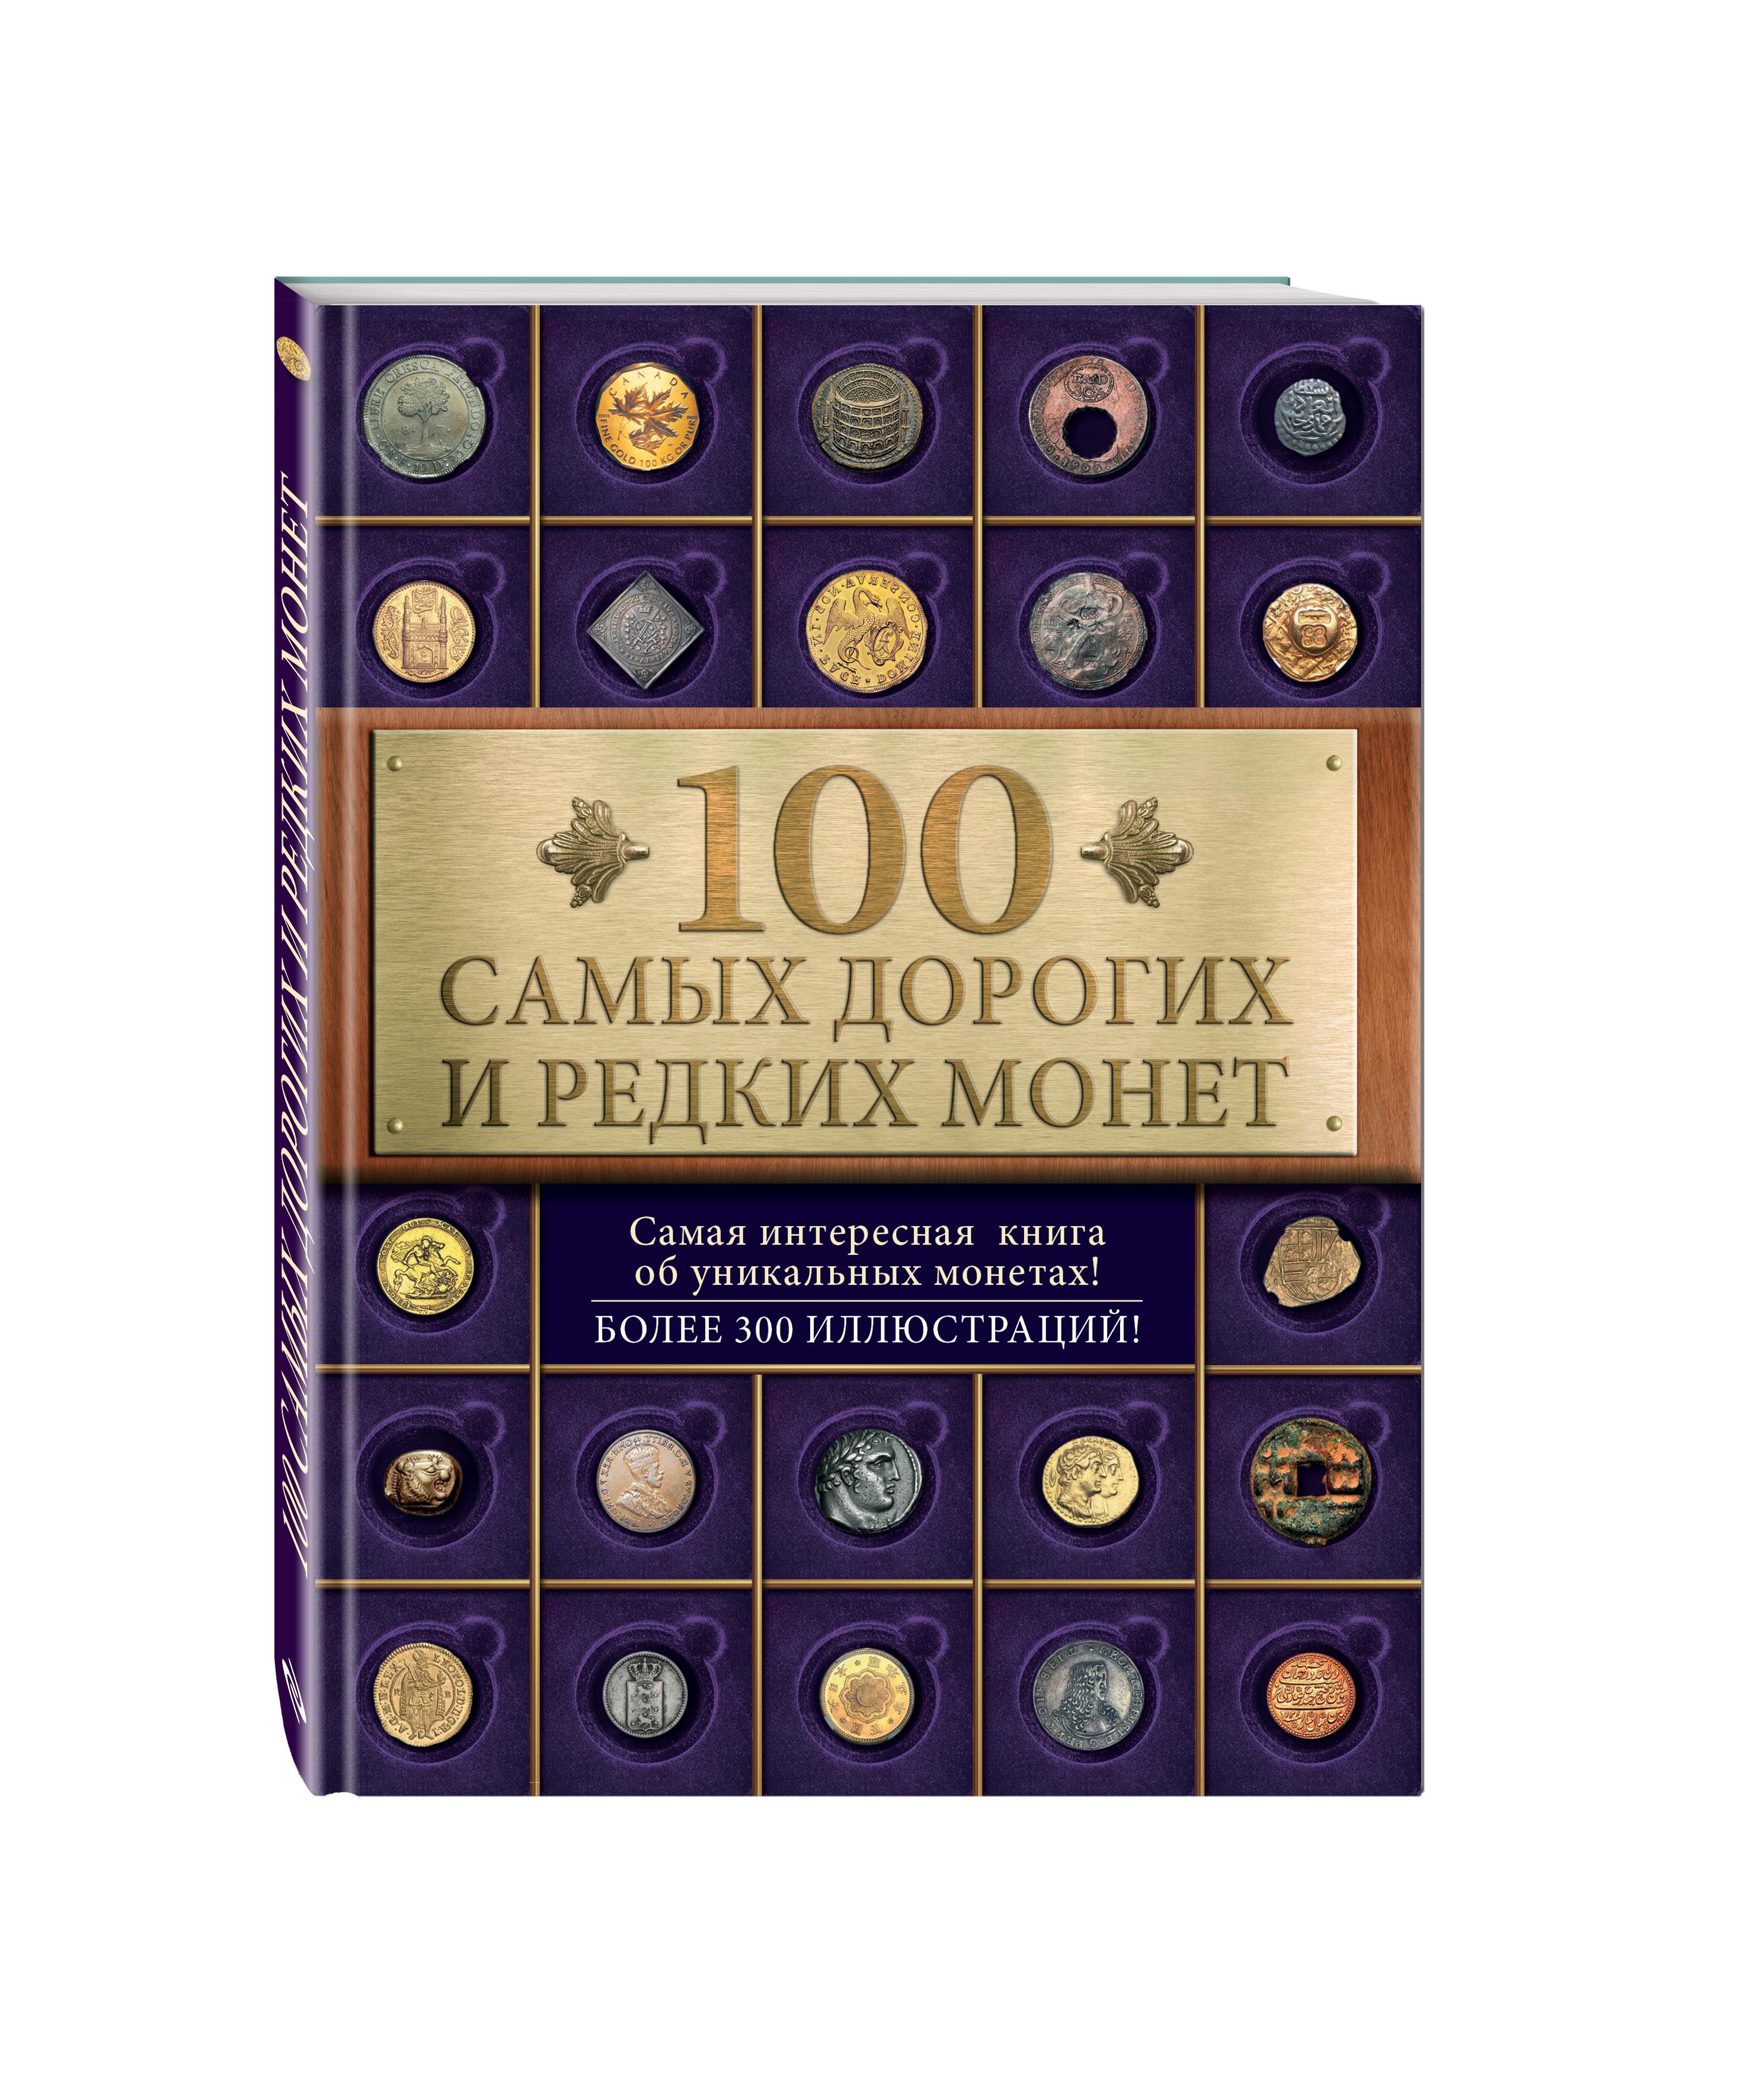 100 самых дорогих и редких монет ( Слука И.М.  )